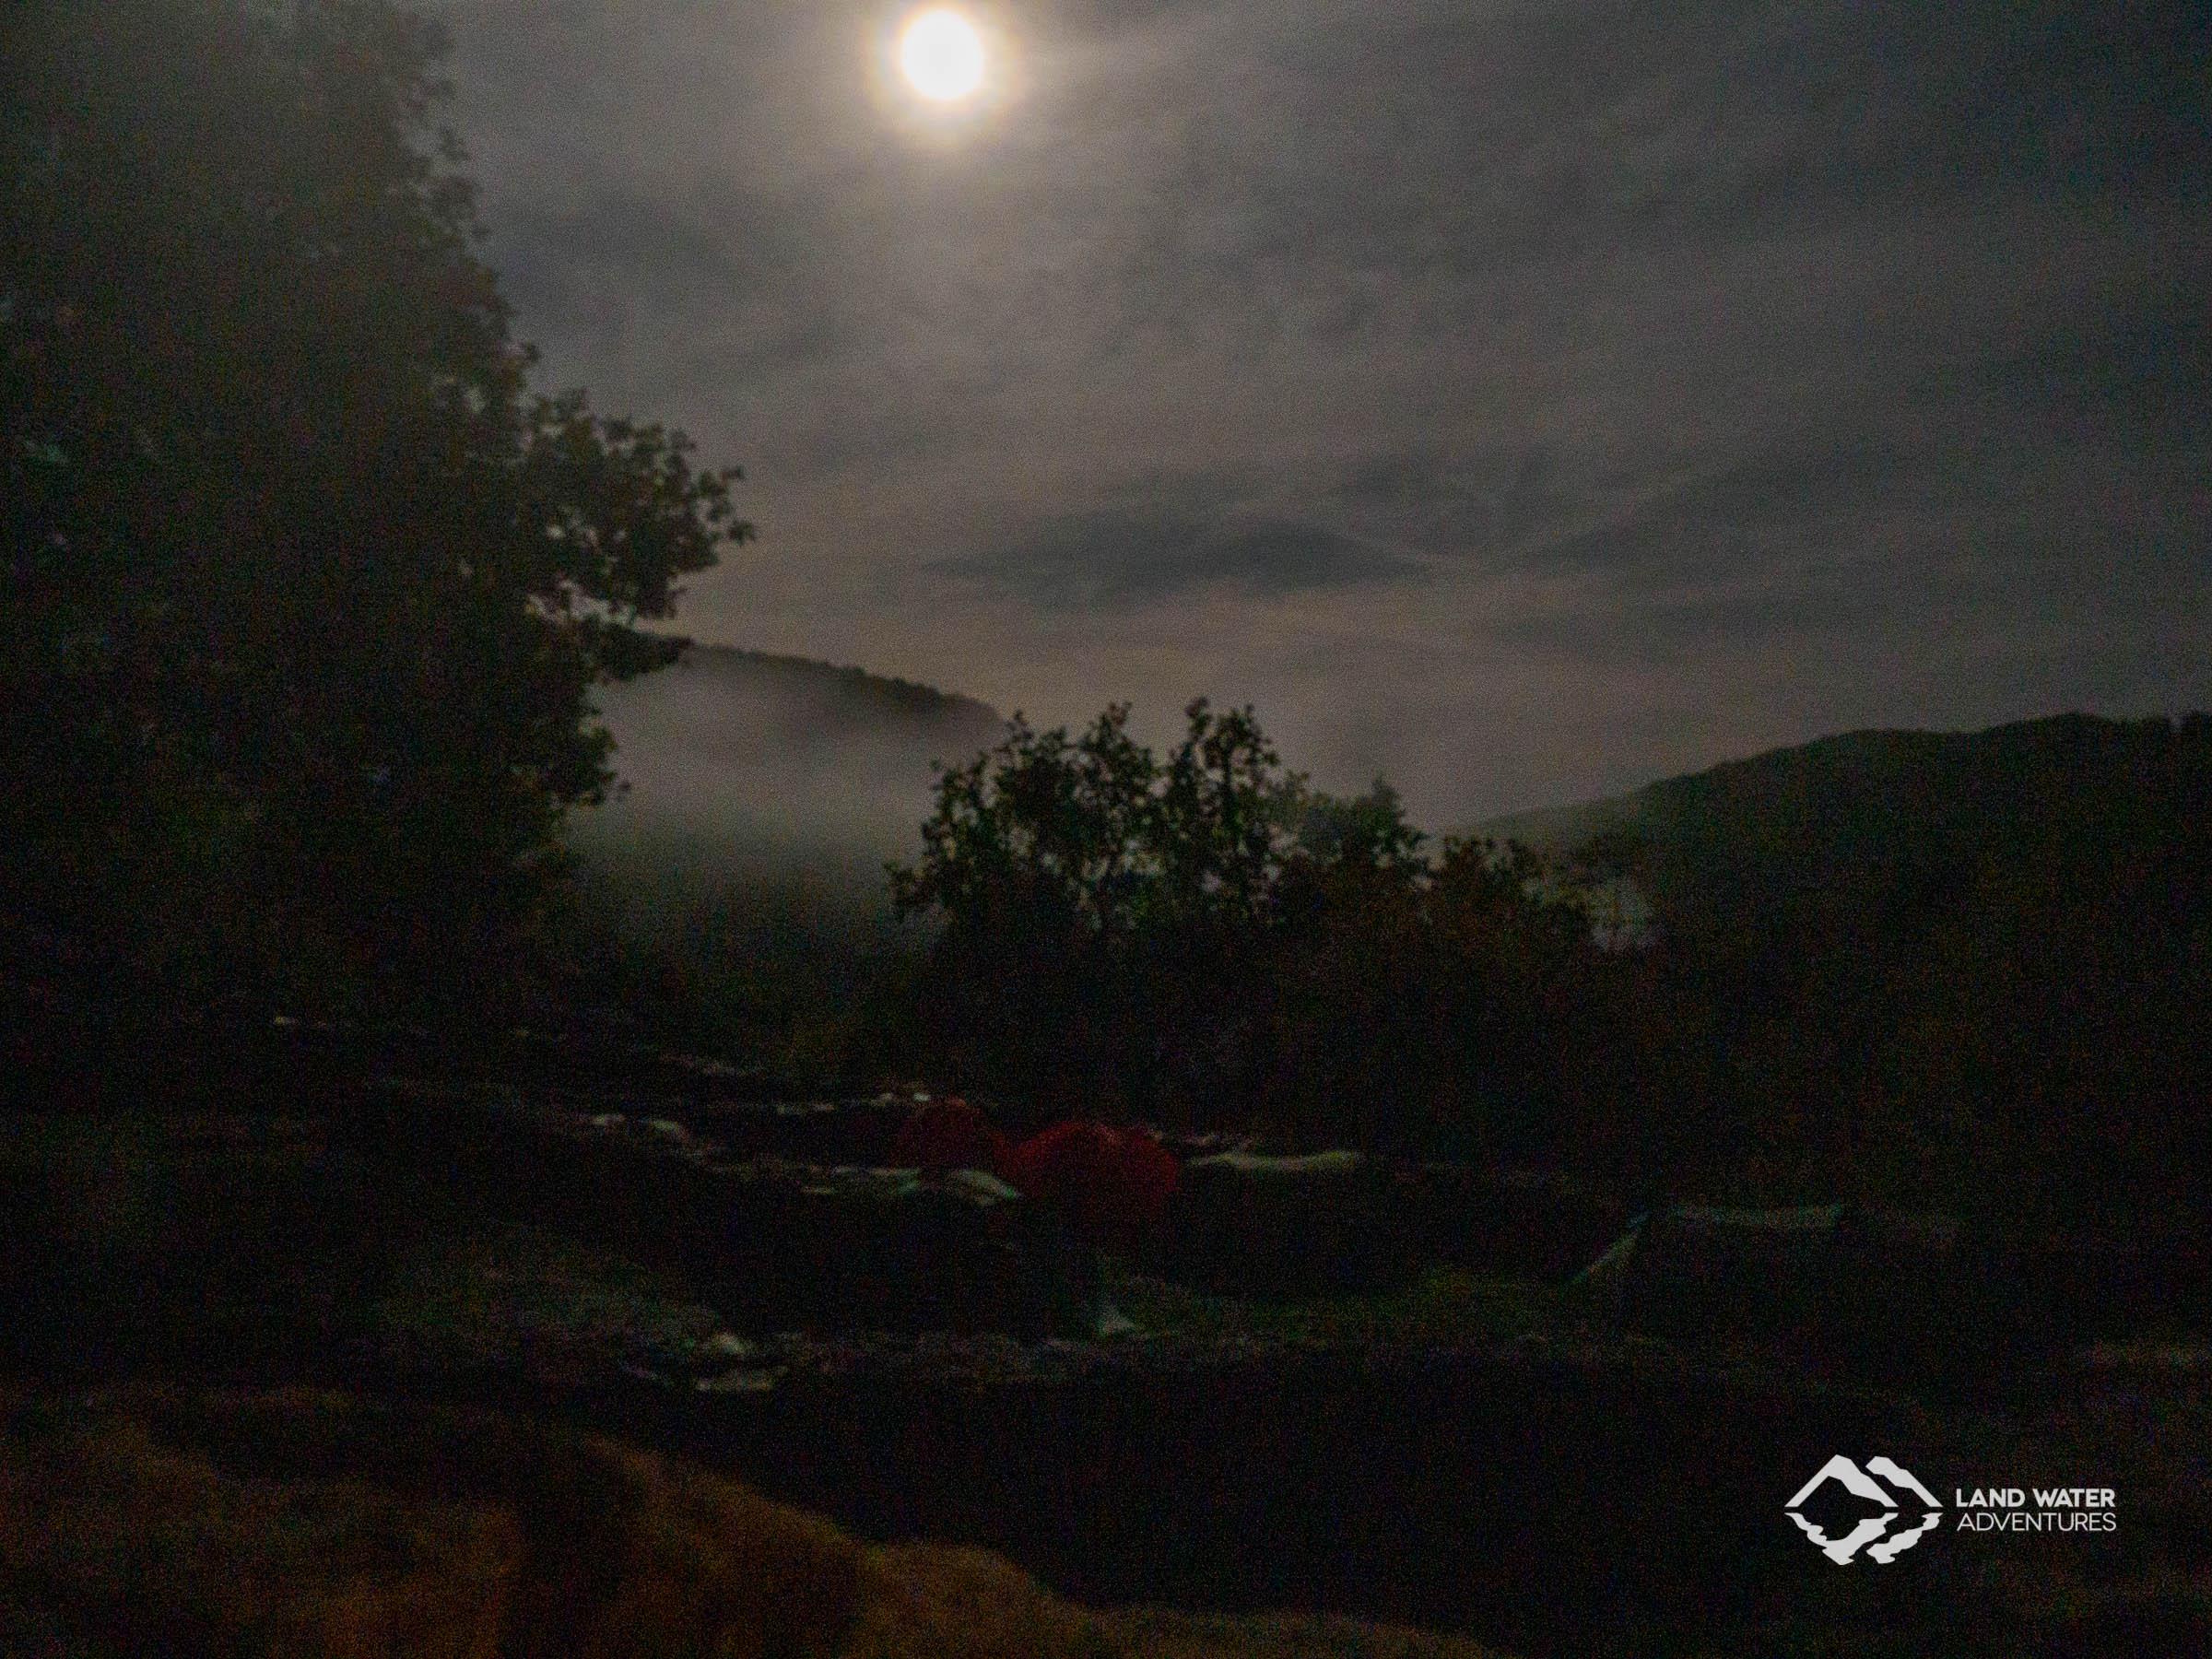 Nacht auf der Schmidtburg © Land Water Adventures